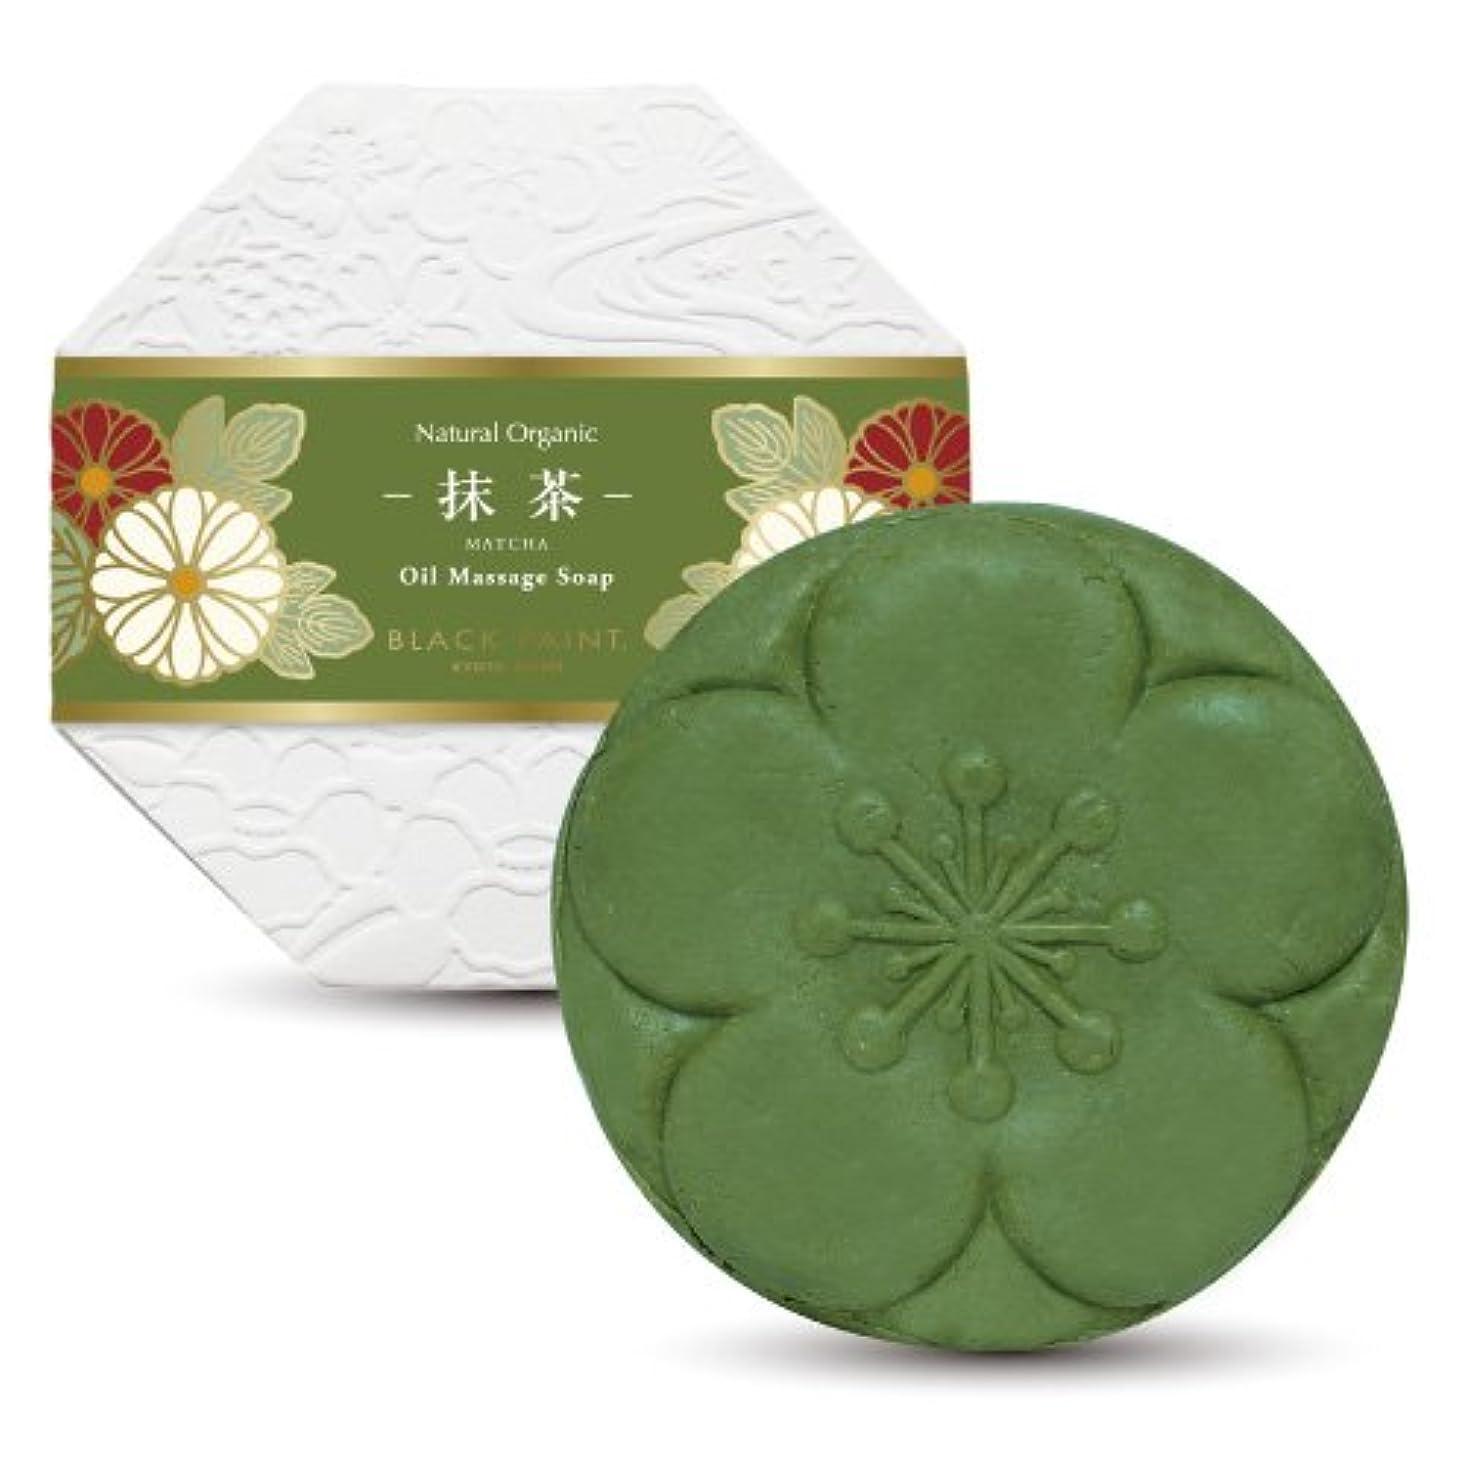 ギャザーネイティブ石膏京のお茶石鹸 抹茶 120g 塗る石鹸